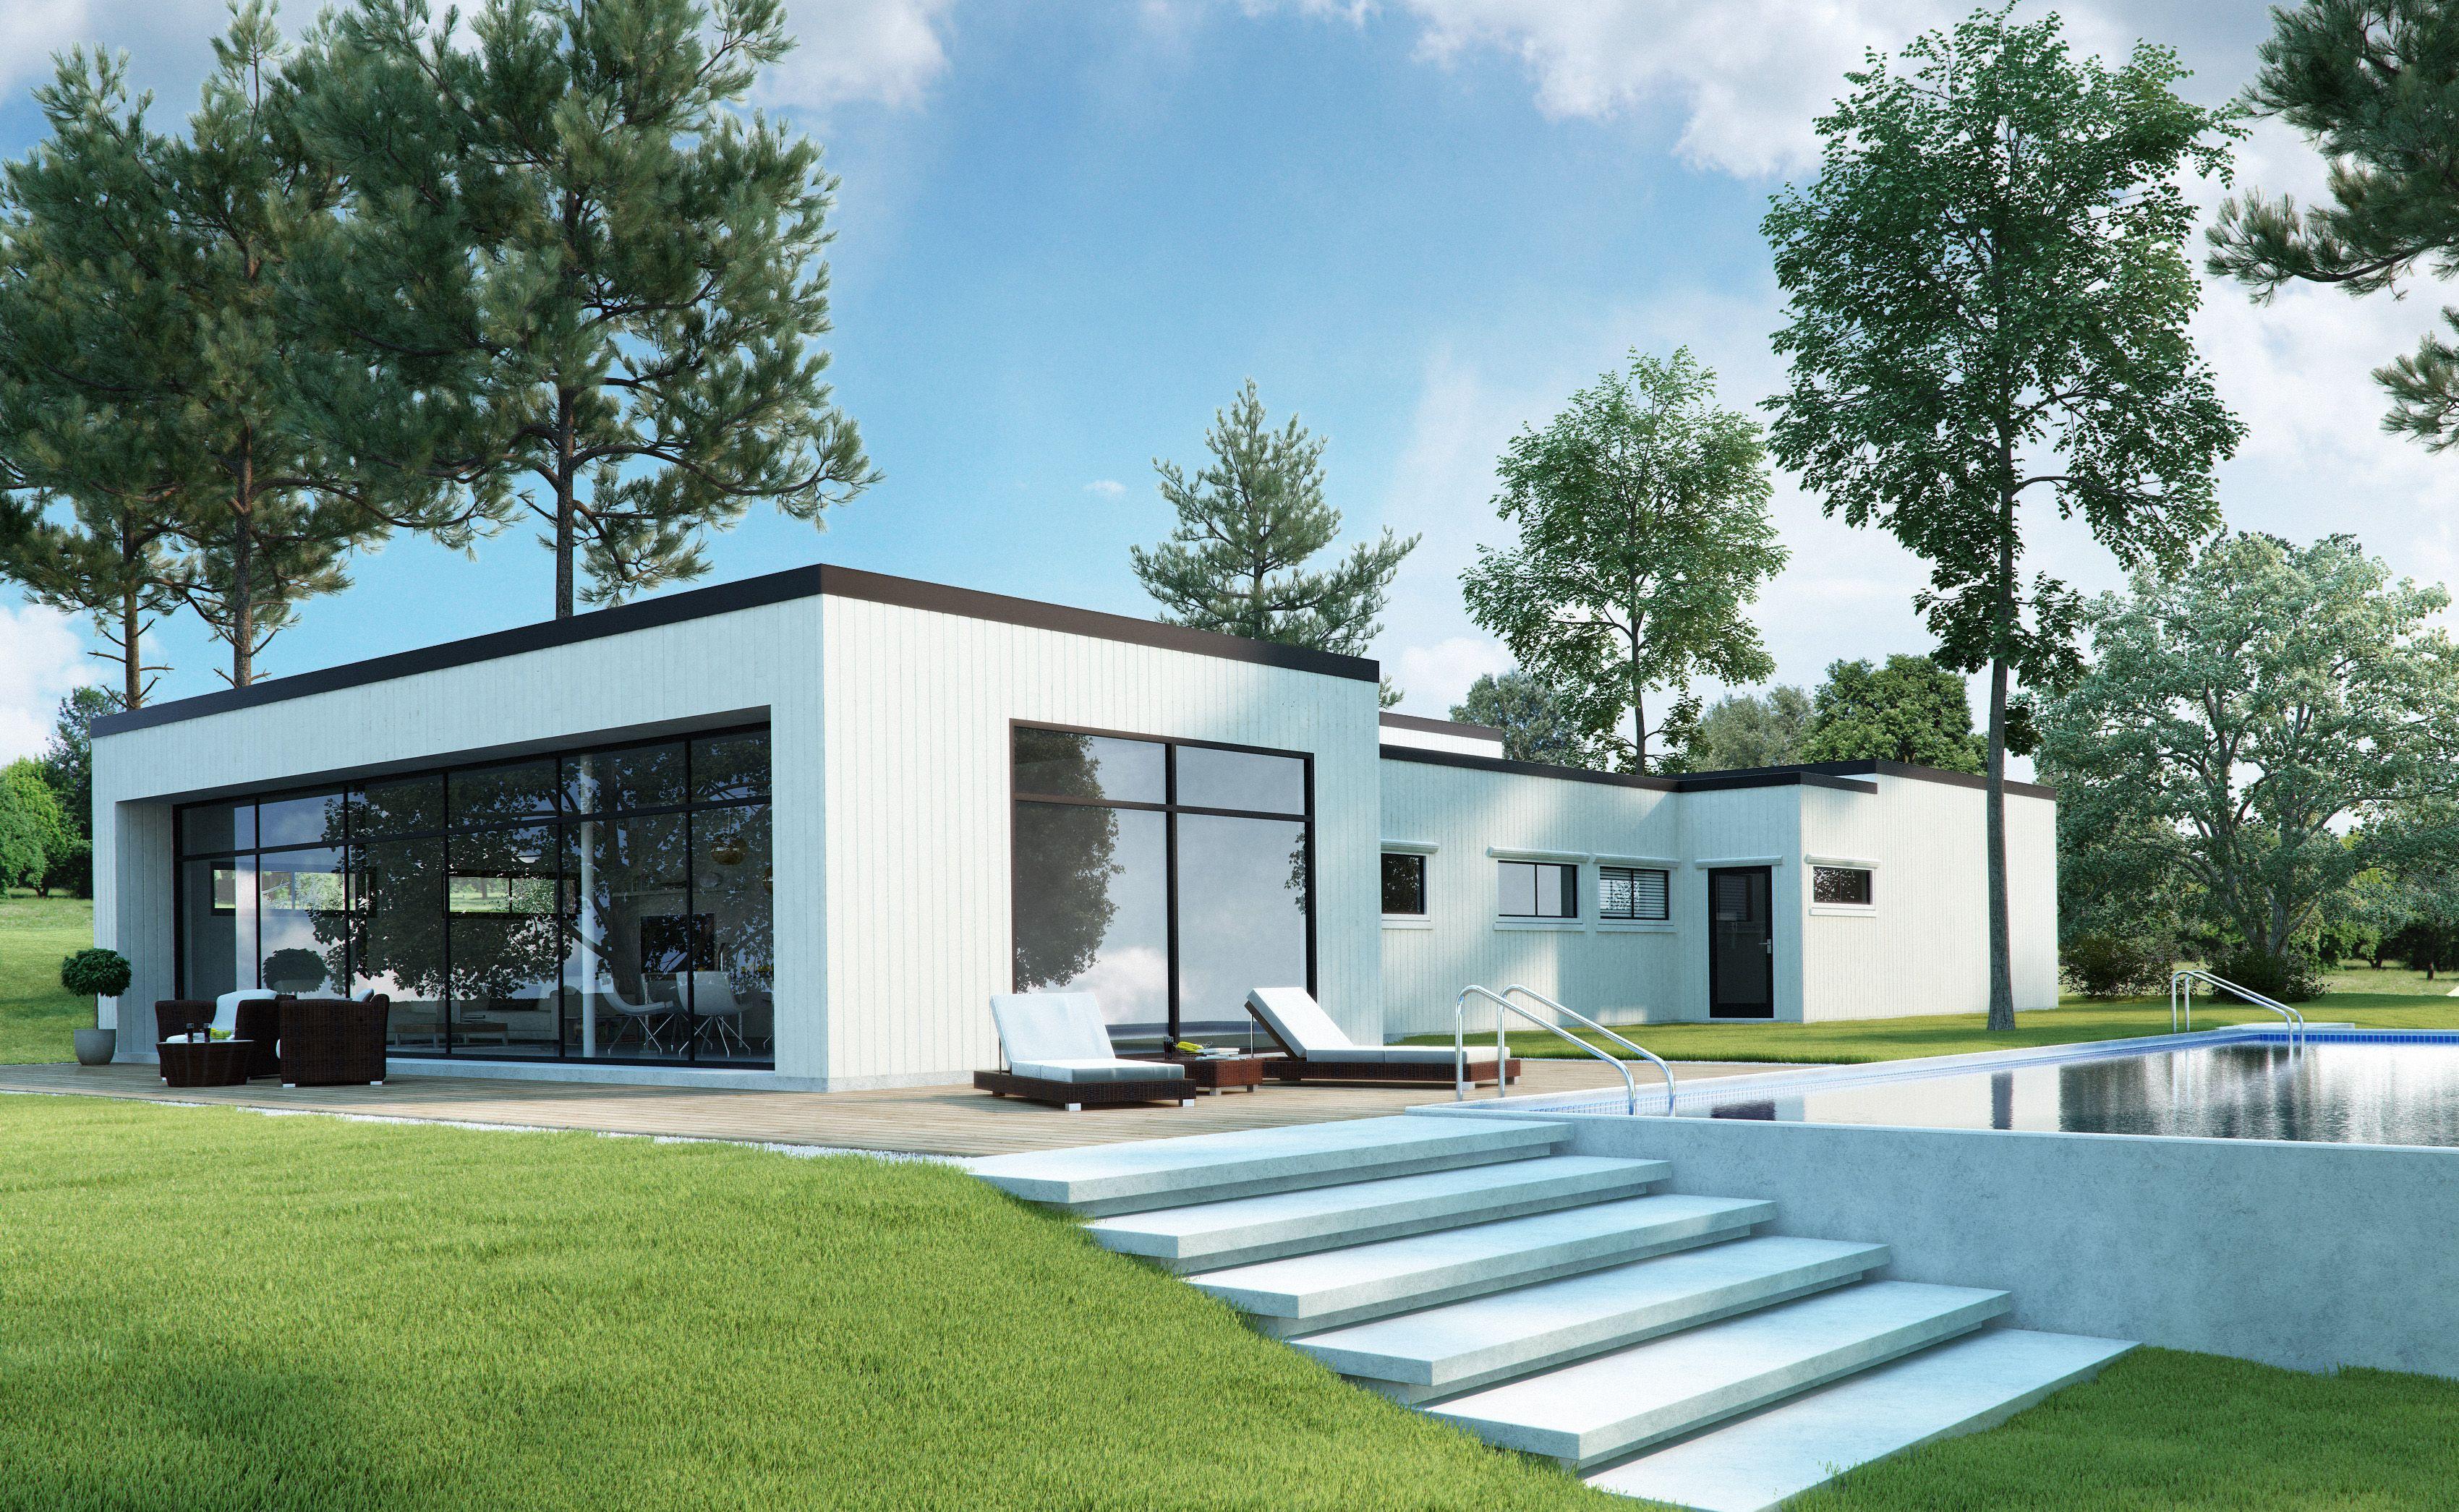 bilderesultat for ett plan hus moderne - Moderne Huser 2015